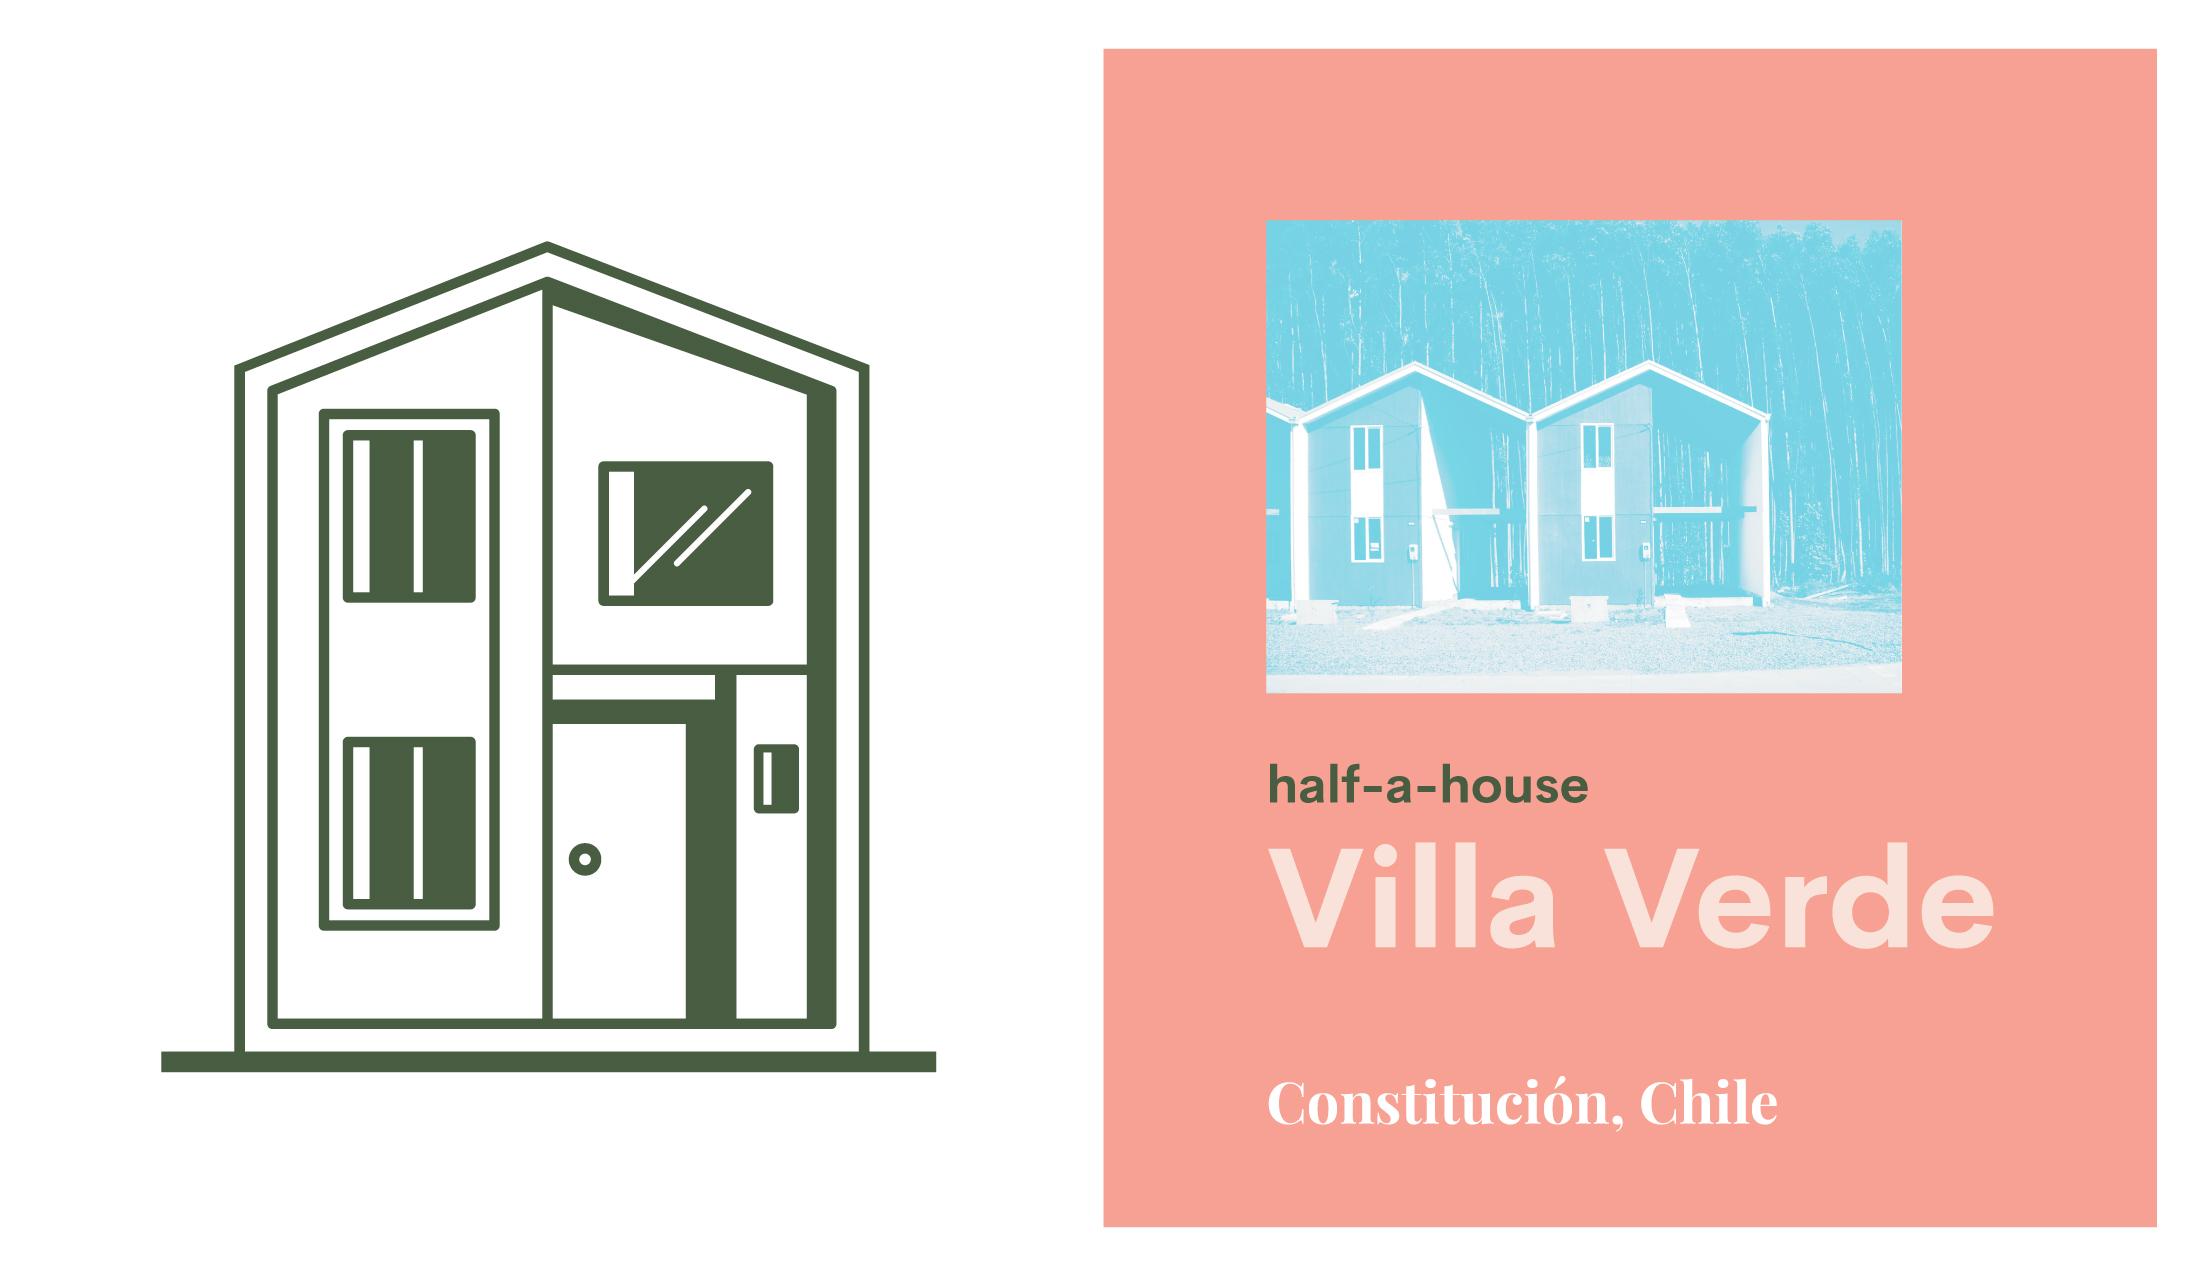 halfahouse.jpg